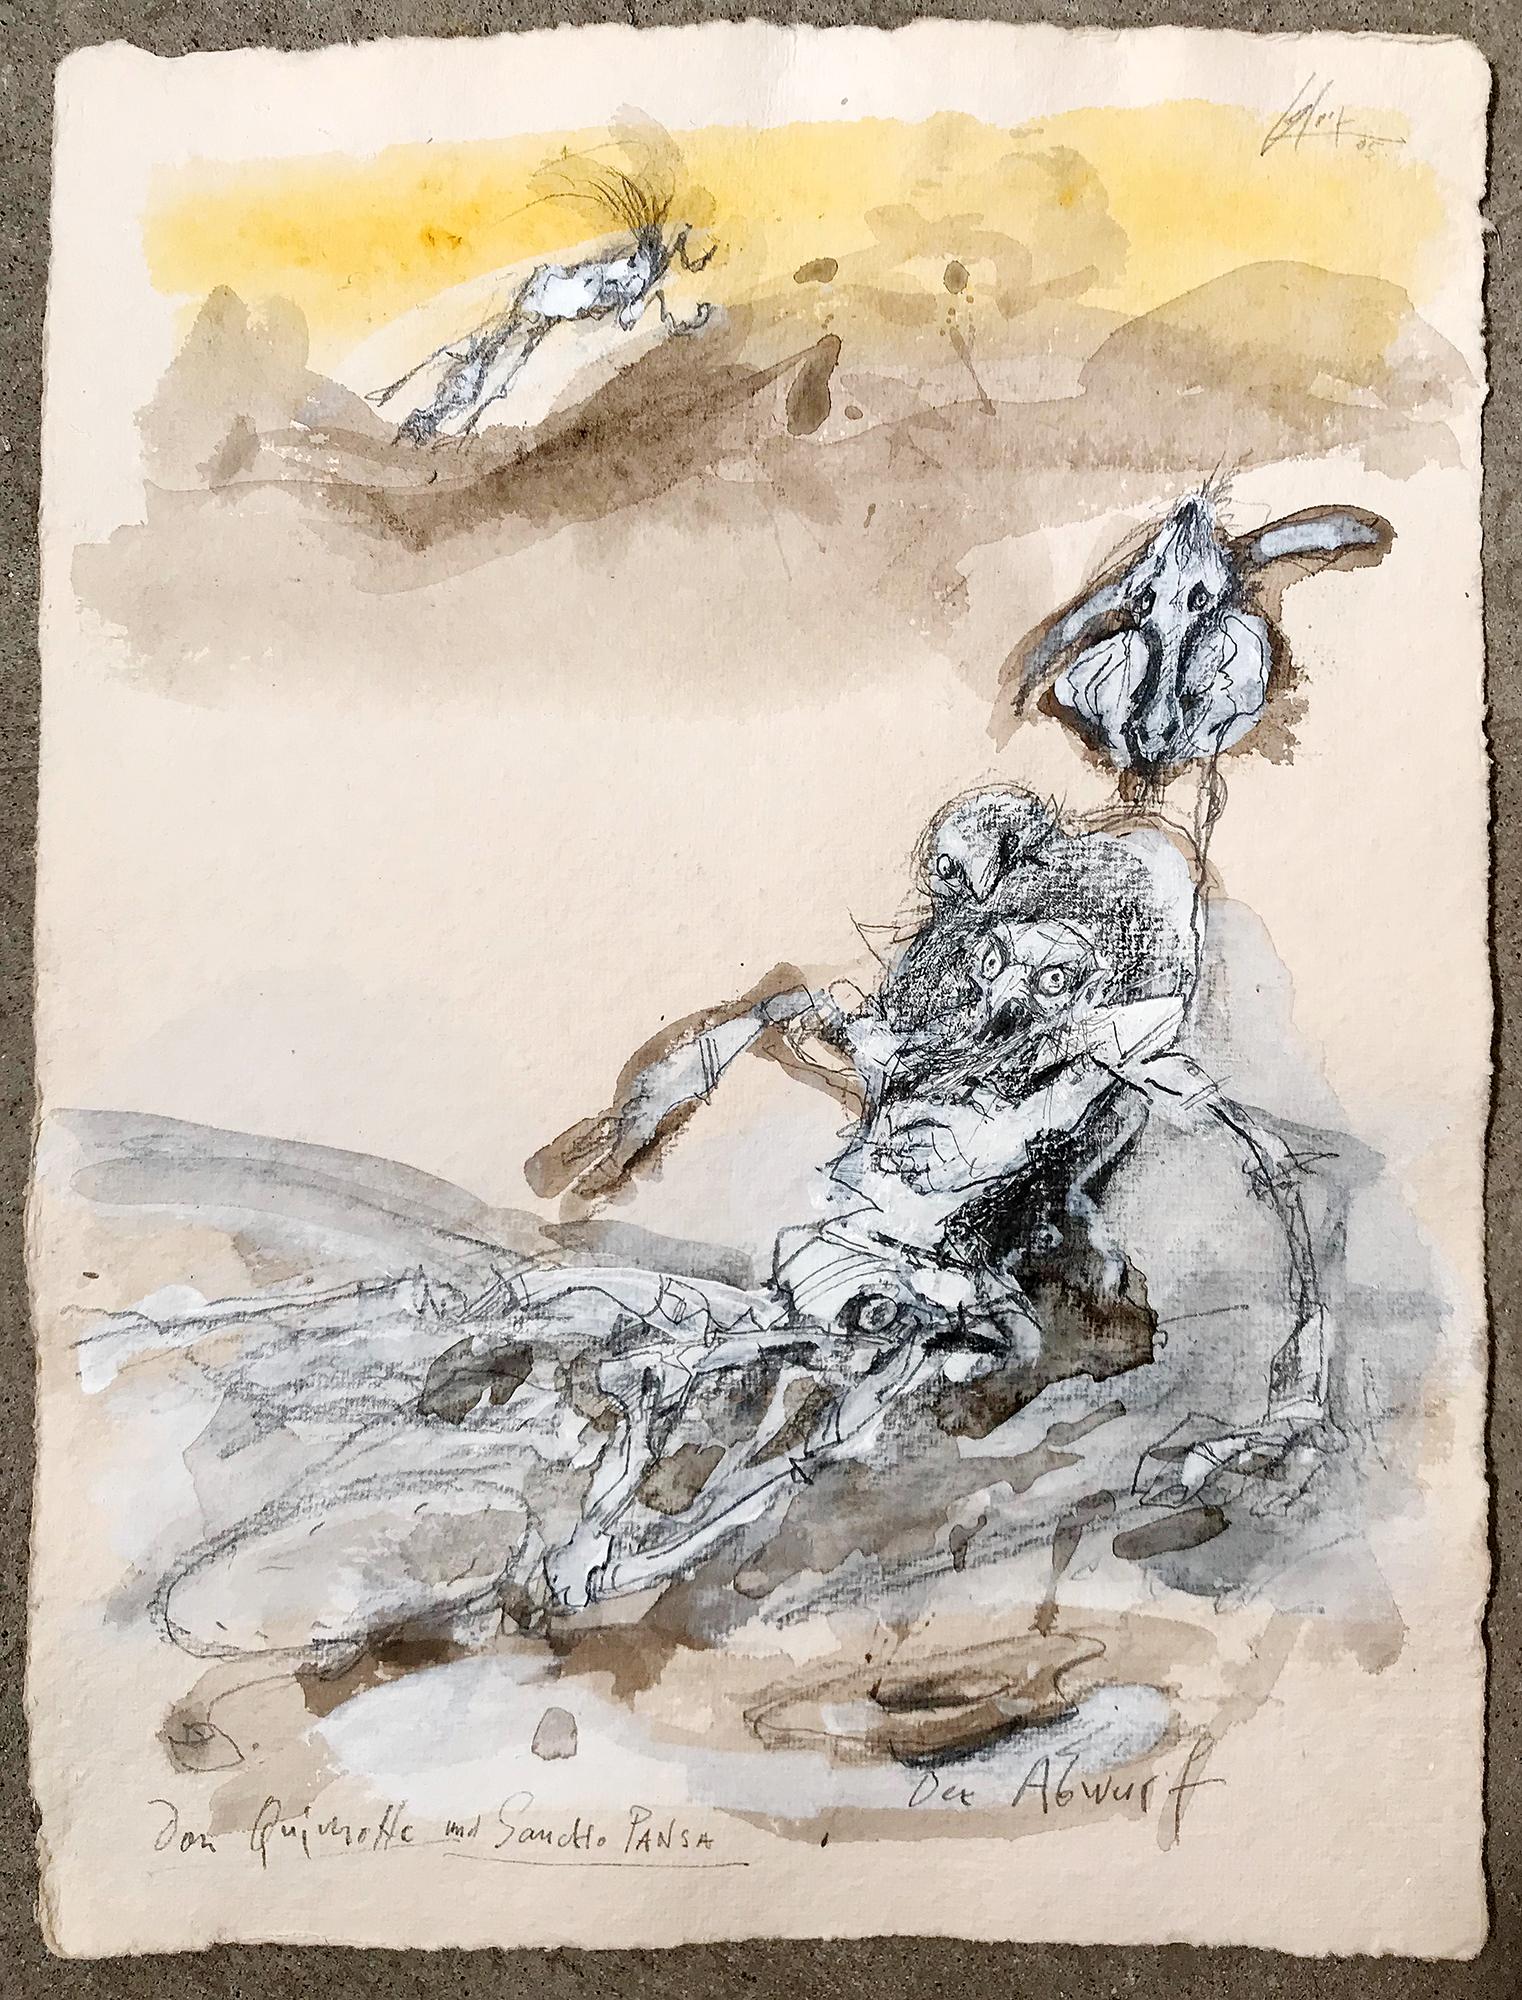 Don Quichot, Der Abwurf, 2005, Mischtechnik auf Büttenpapier, 28 x 36 cm, ohne Rahmen